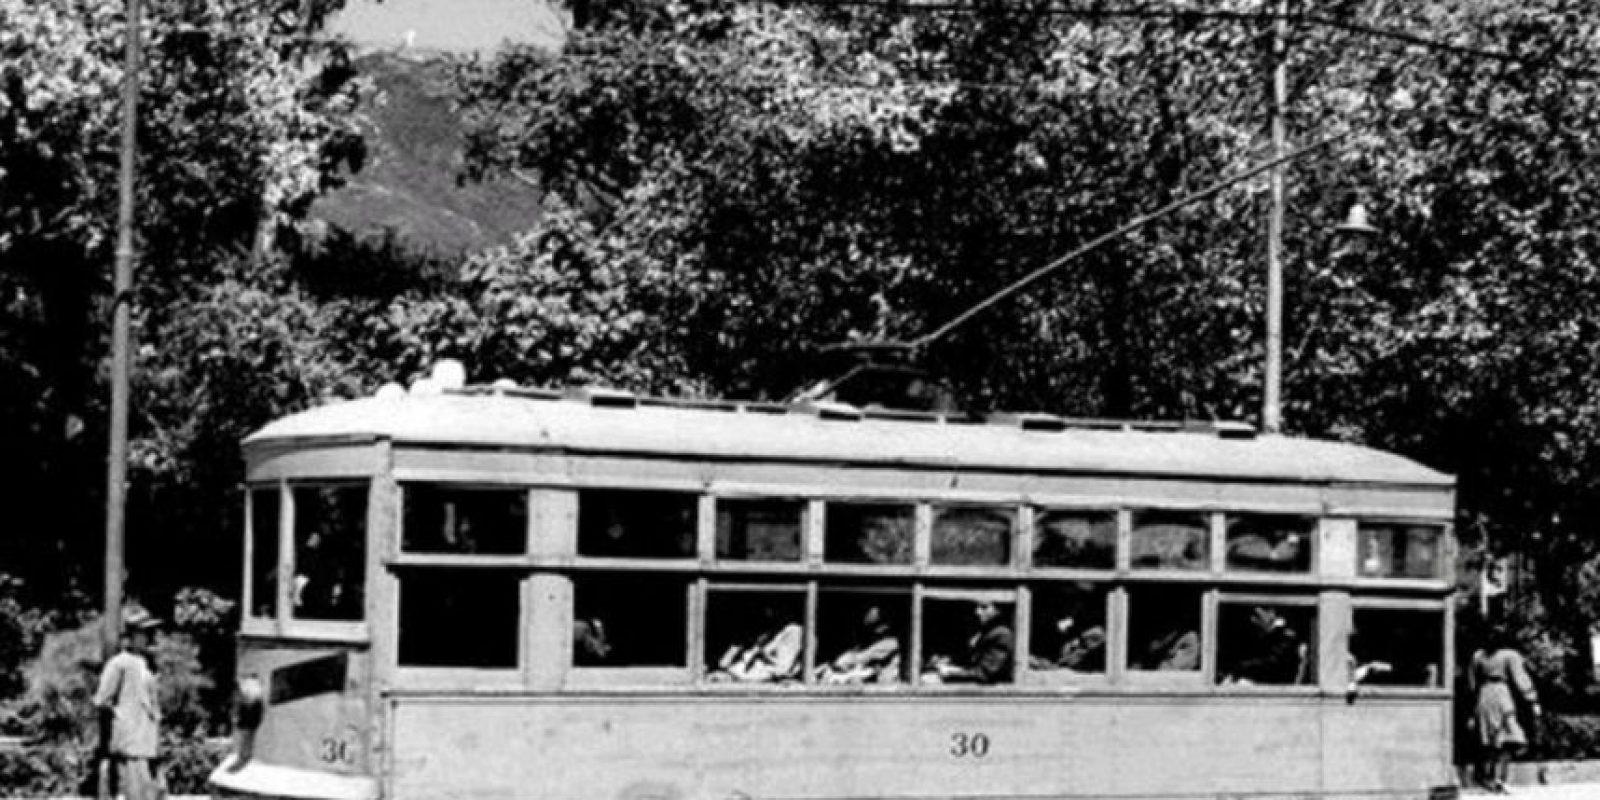 El último tranvía de Bogotá dejó de circular en 1951. Foto:Facebook / Fotos Antiguas de Bogotá